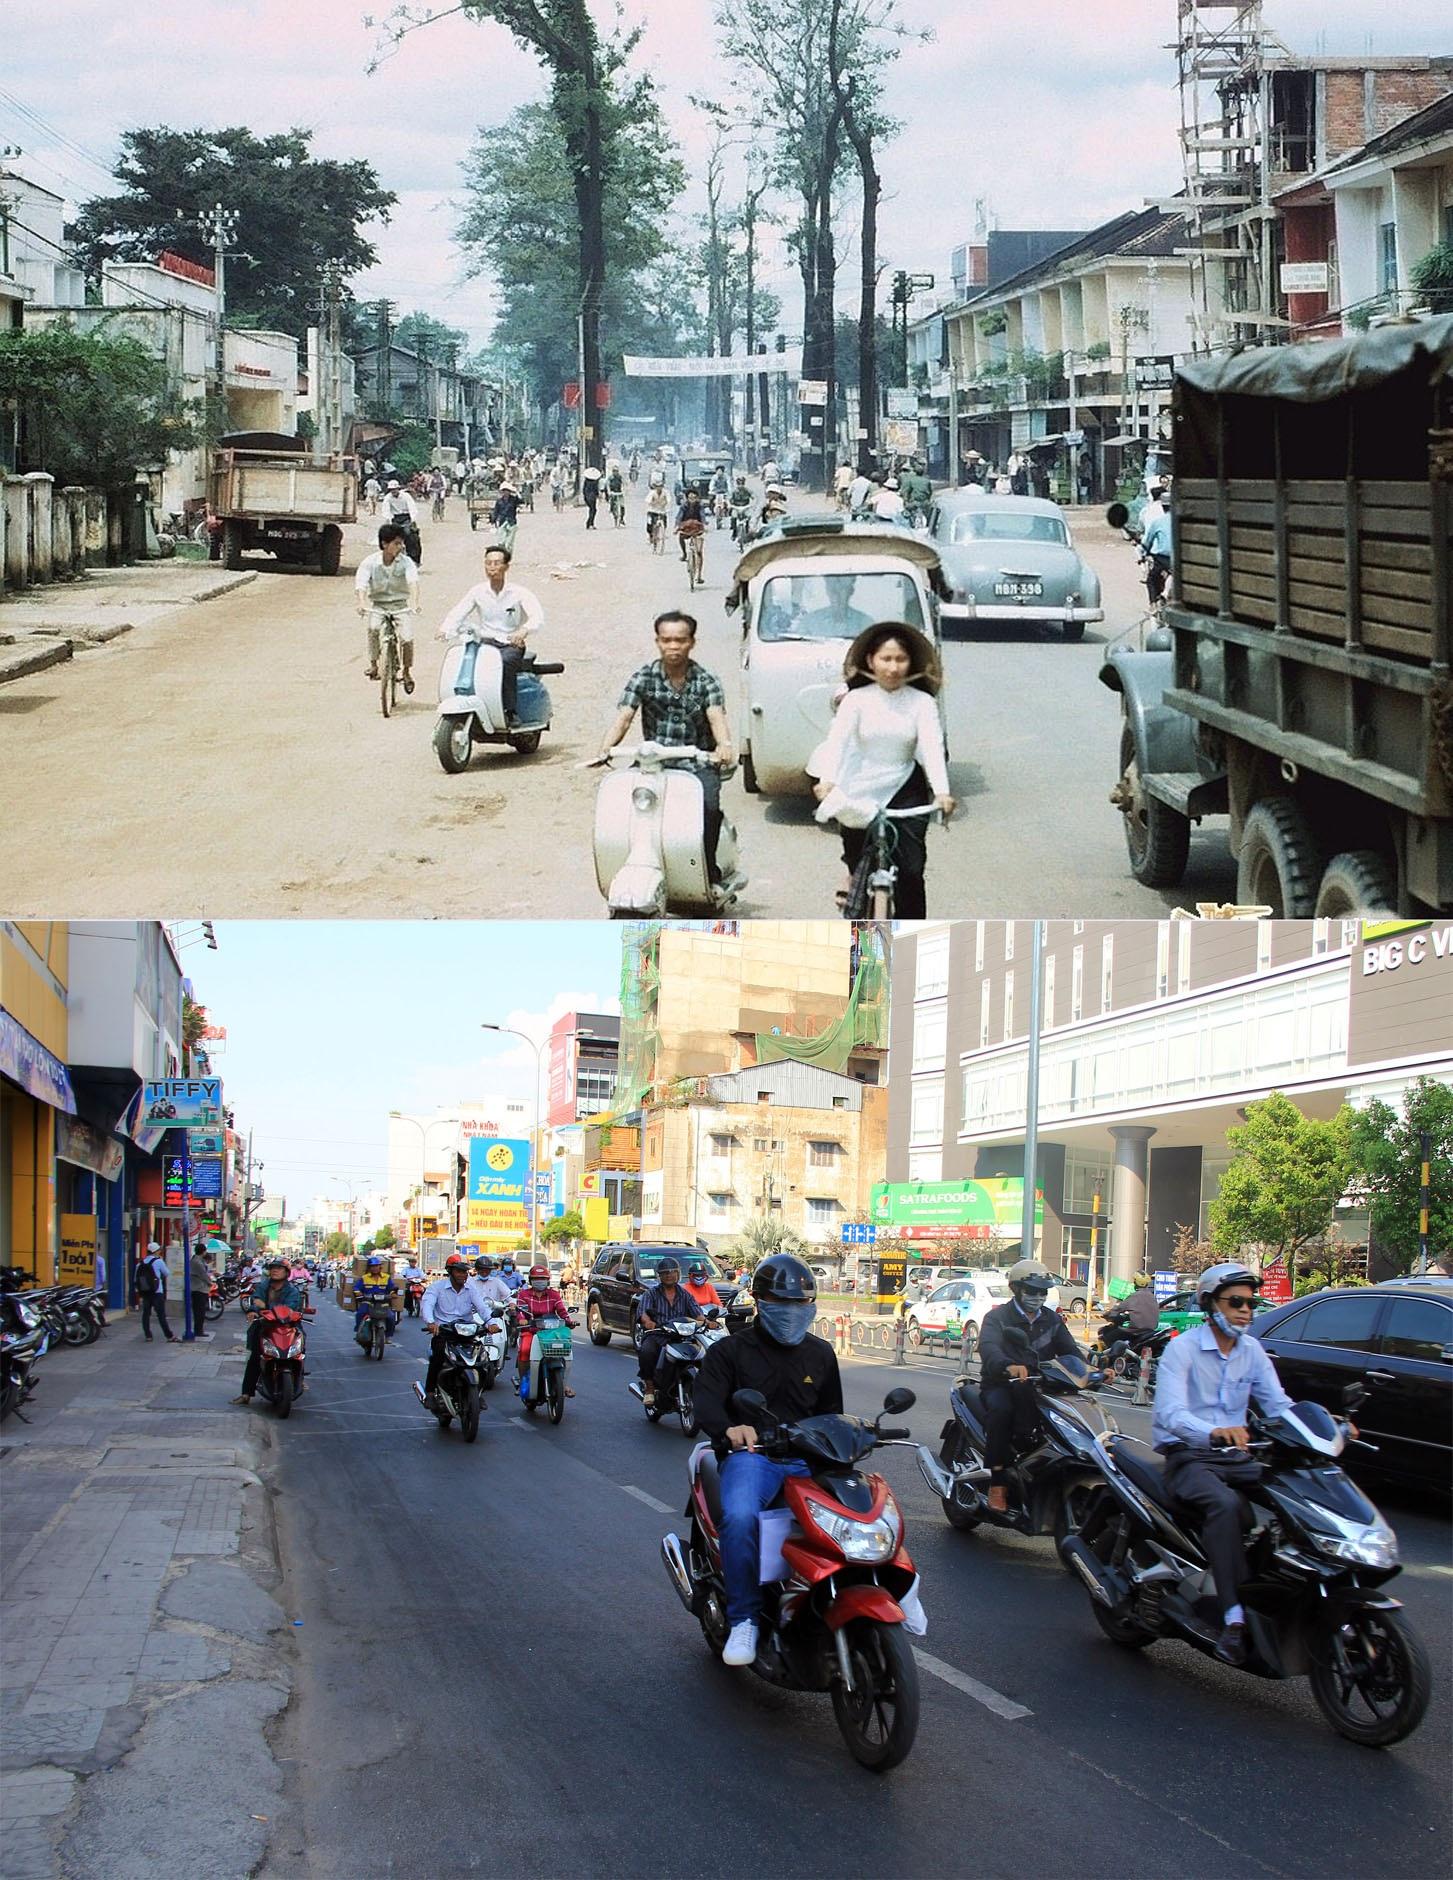 Đường Phan Đăng Lưu, một trong những con đường cổ xưa của Sài Gòn. Trước 1975, đường này mang tên Chi Lăng.